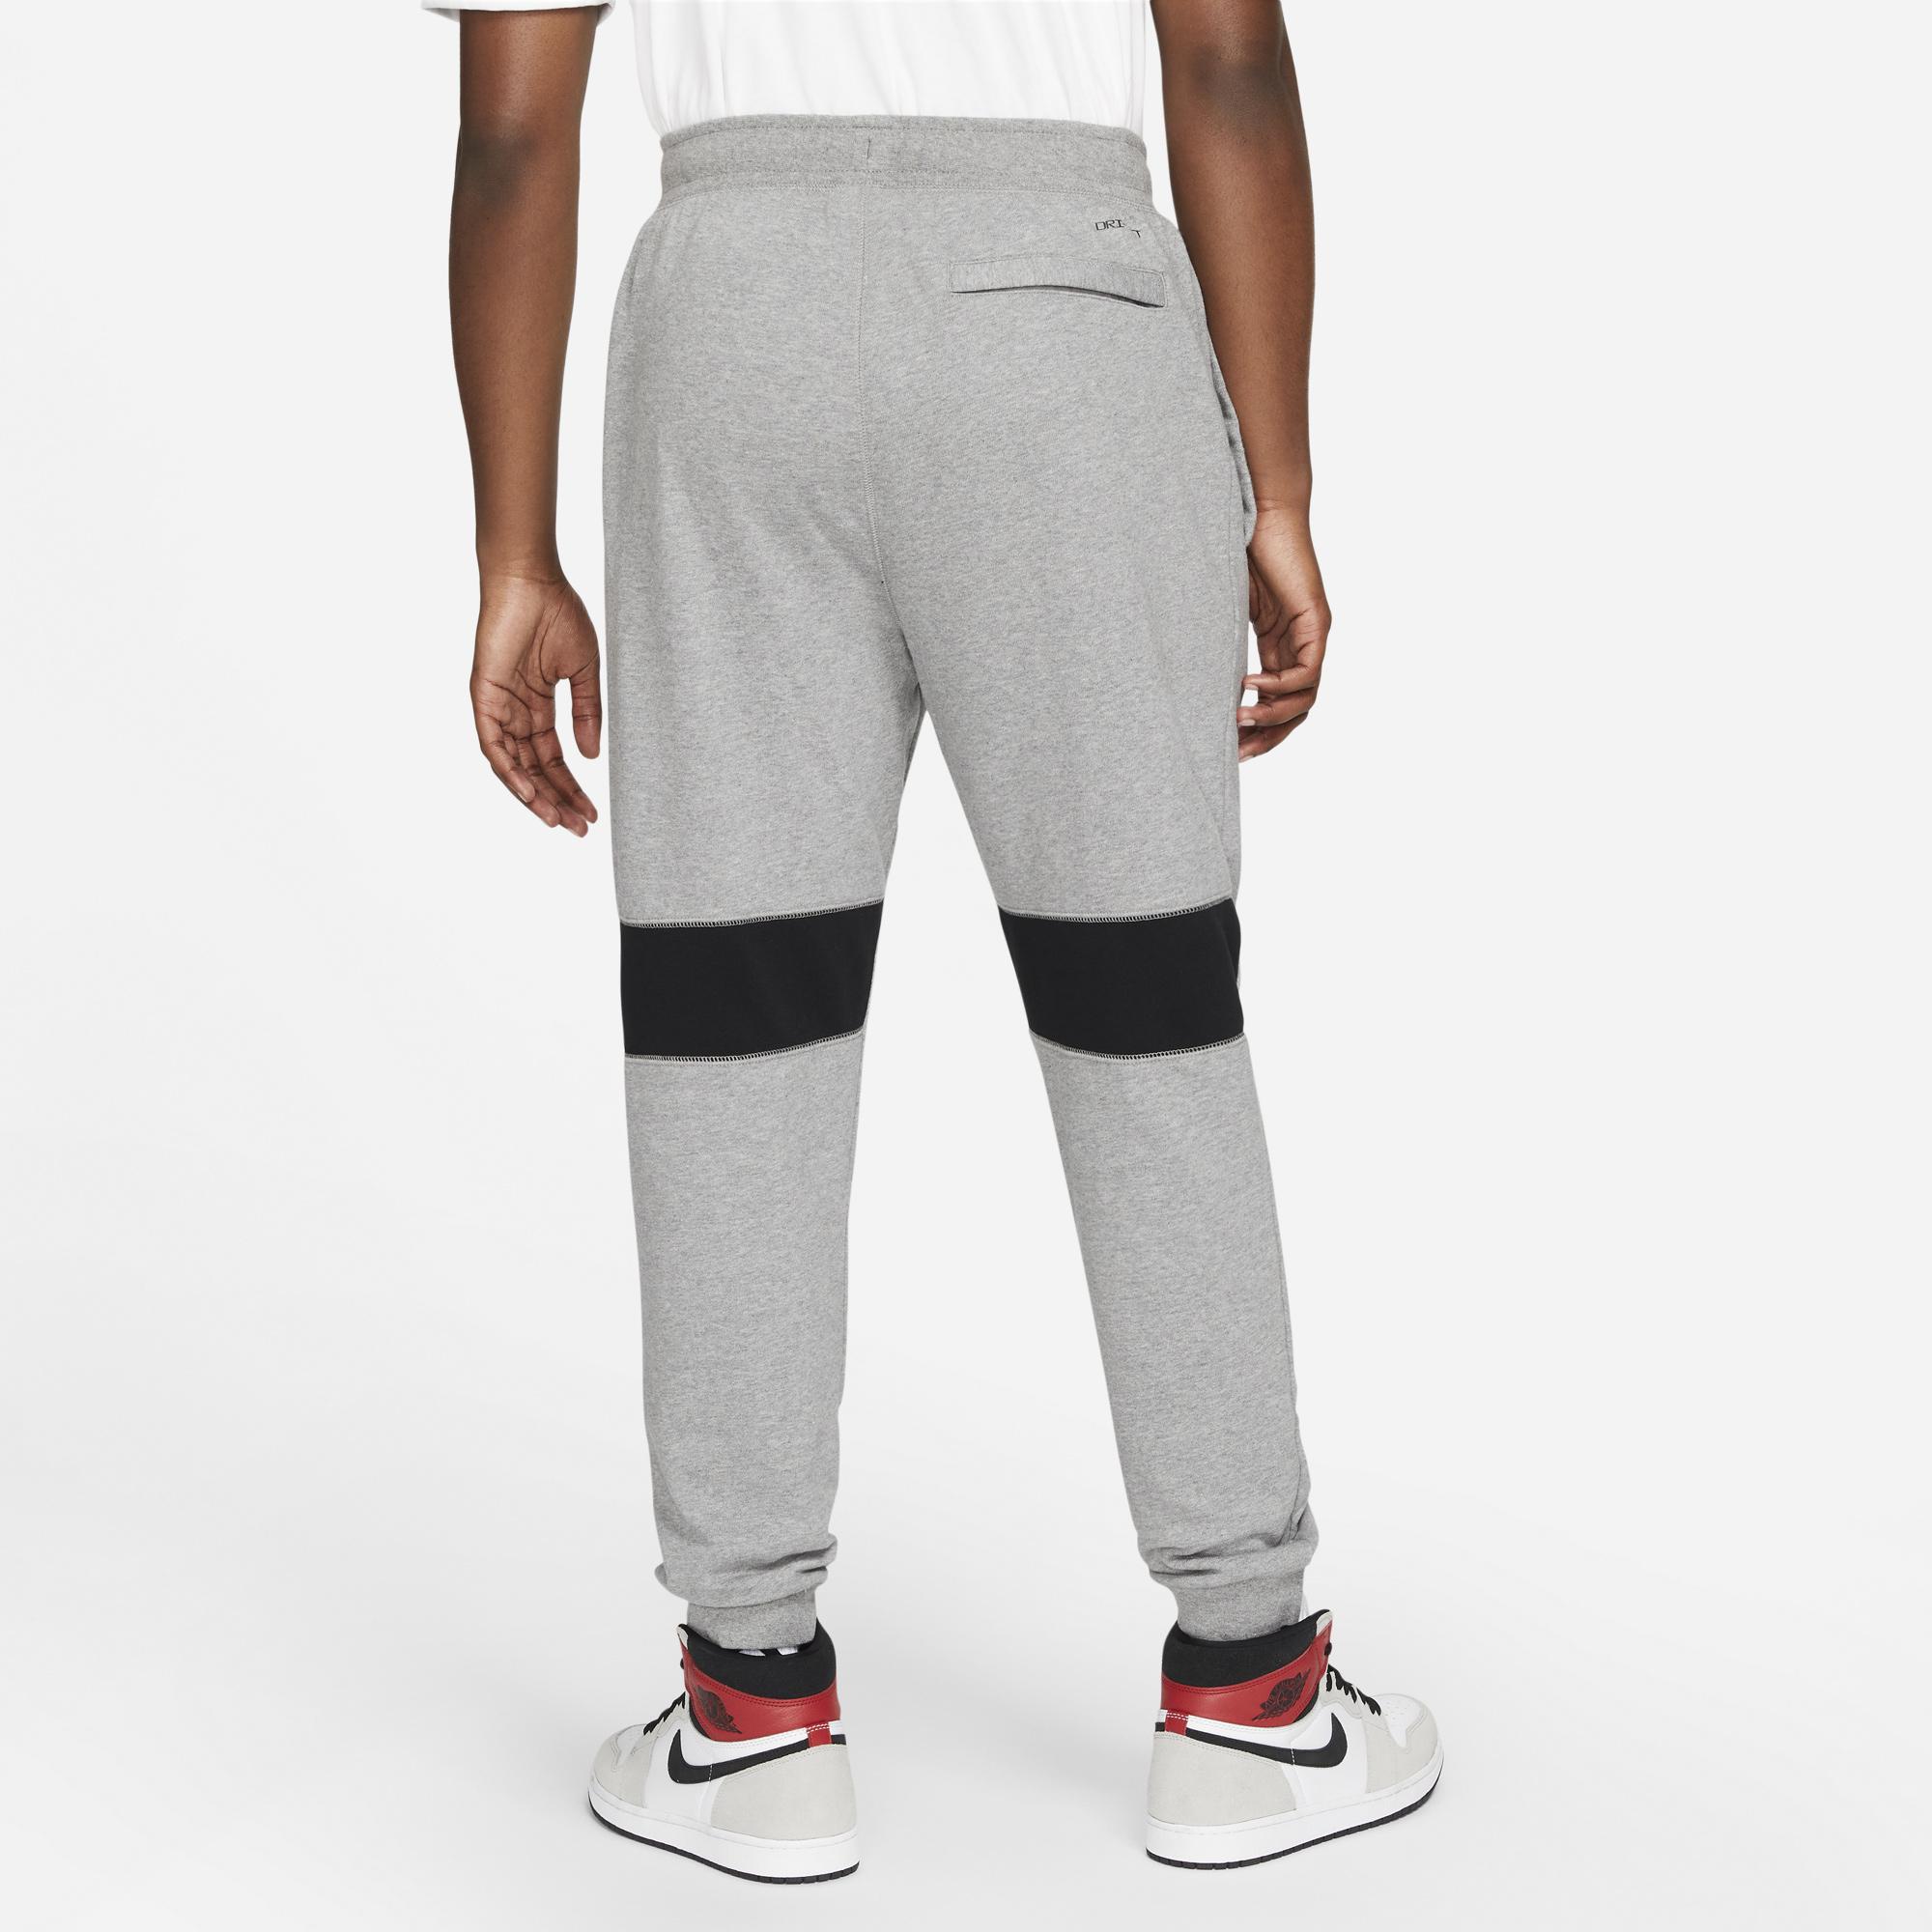 jordan-dri-fit-air-fleece-pants-grey-2